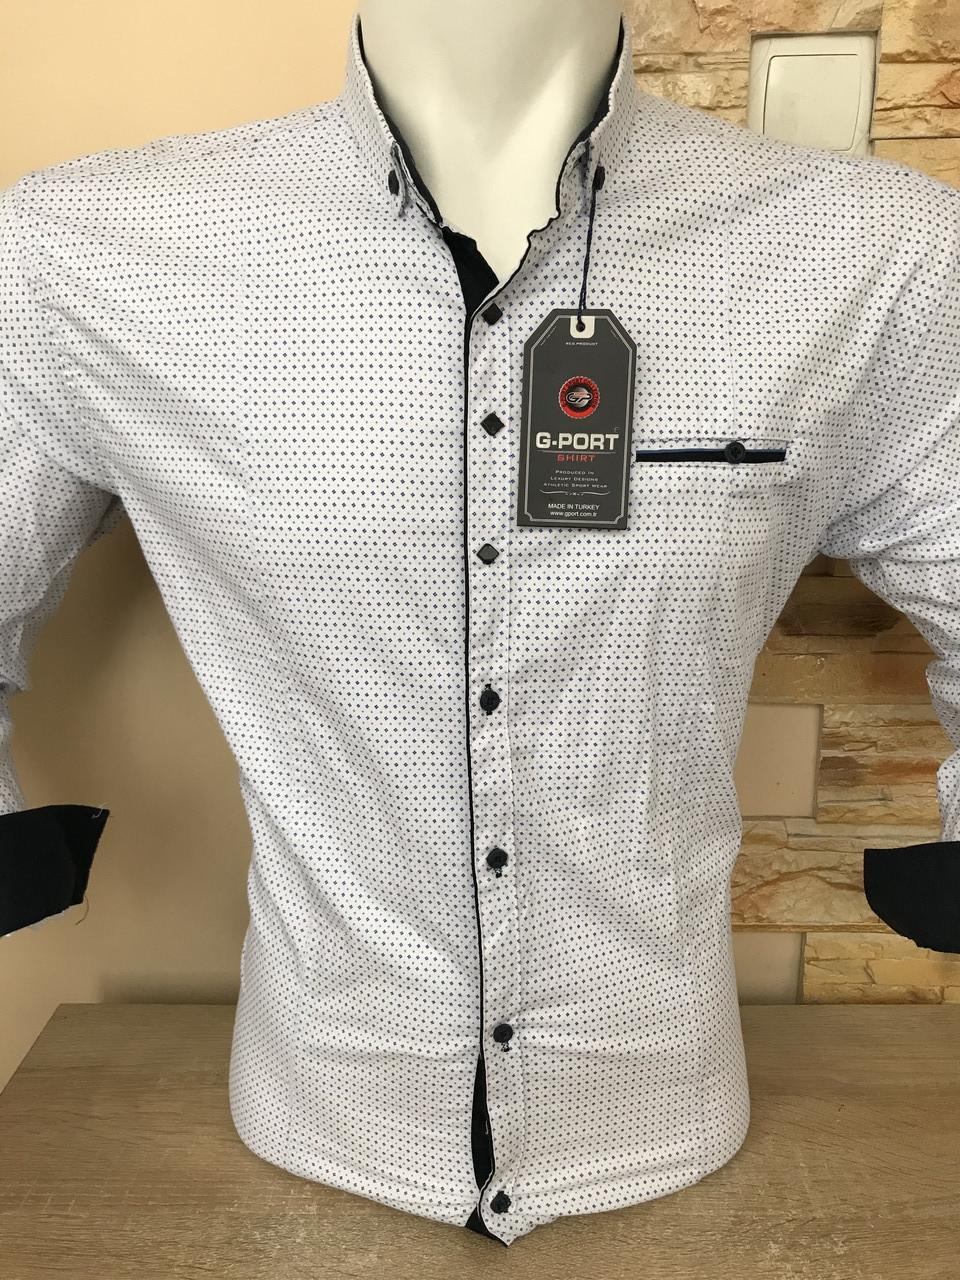 Батальная рубашка стрейч-коттон G-port -700